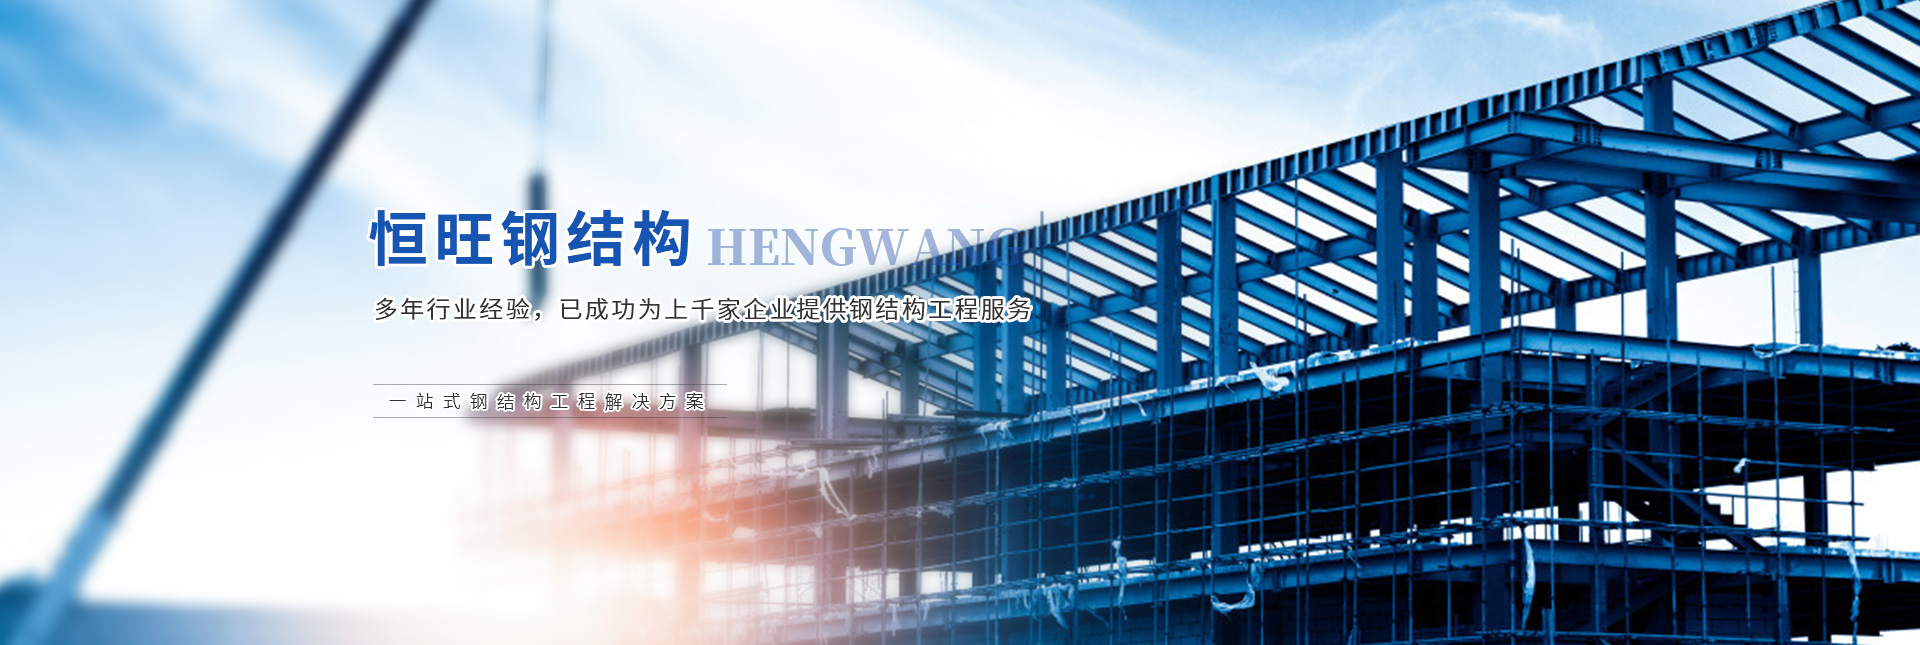 榆林钢结构连廊